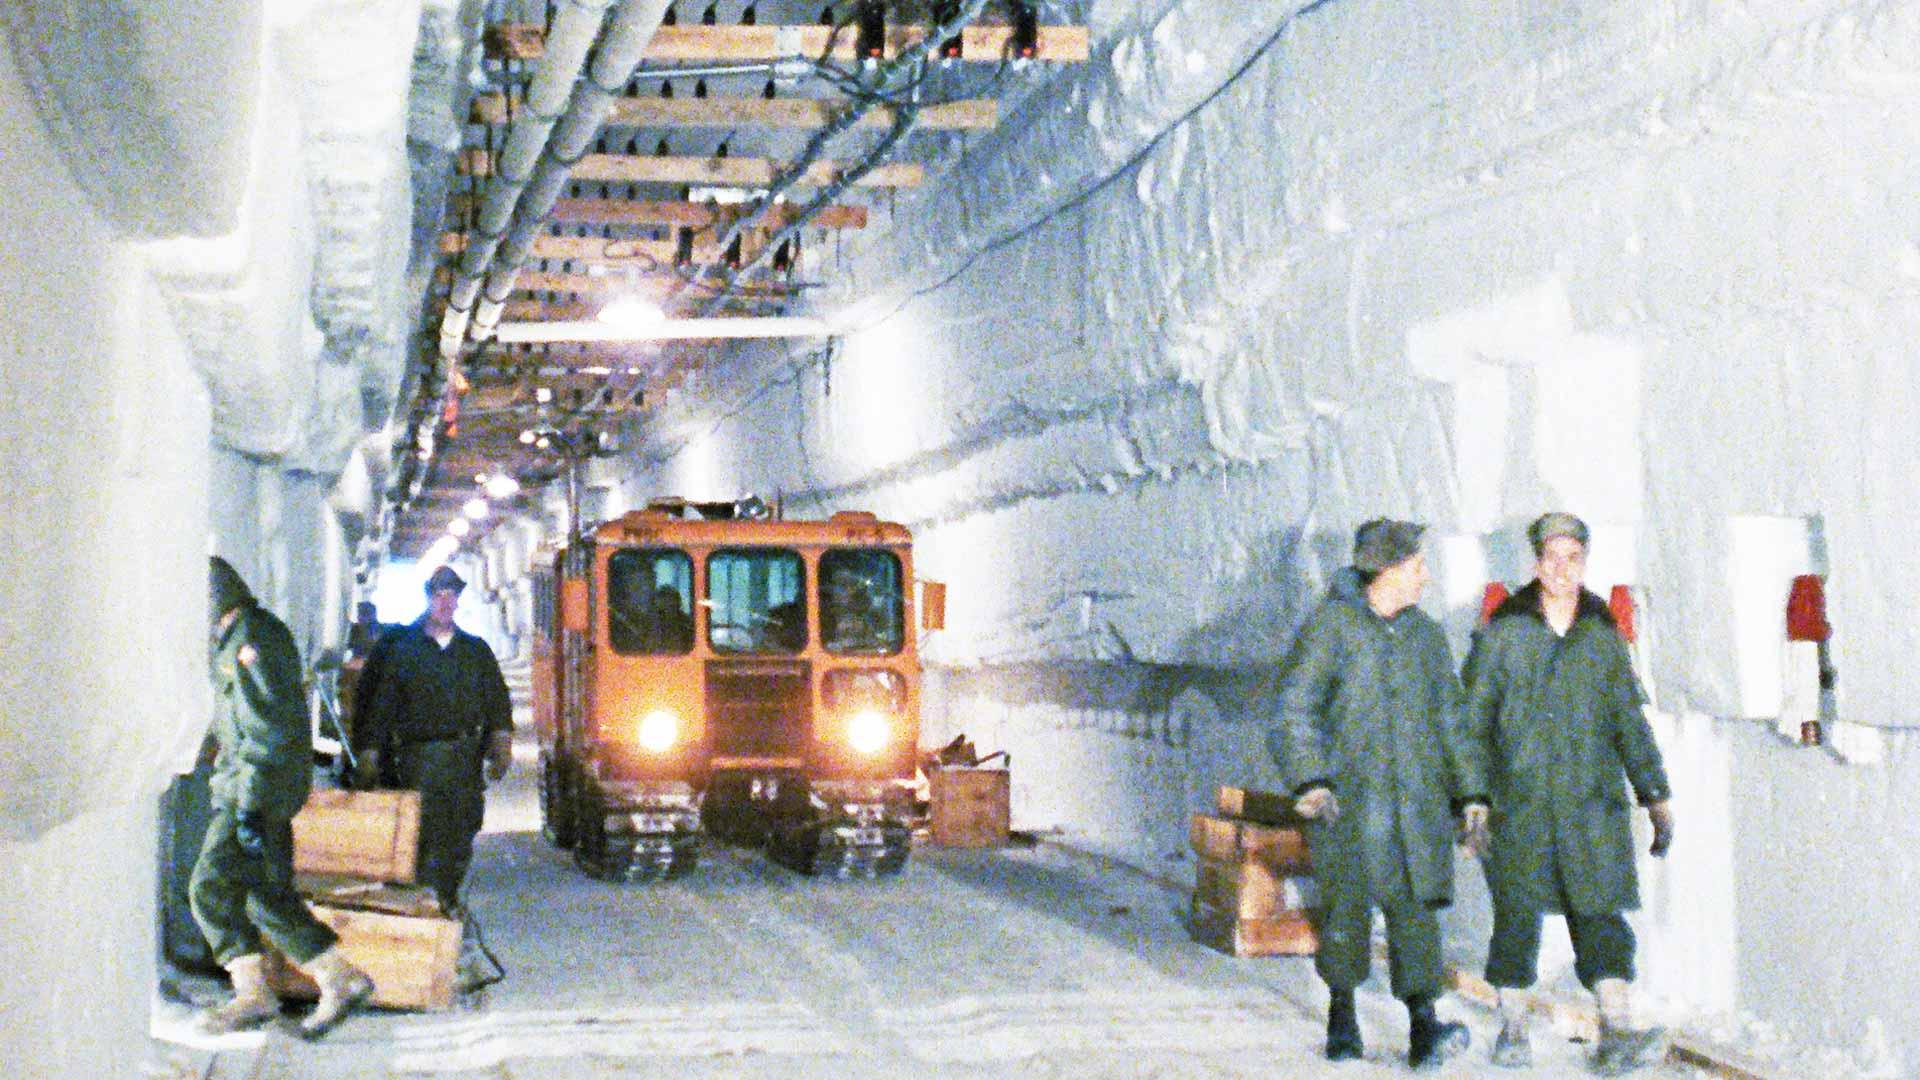 Kun Jäänalainen kaupunki hylättiin, jälkeen jäi tuhansia tonneja saasteita. Nyt jää sulaa ja arvioidaan, että kaupunki paljastuu noin vuonna 2090.